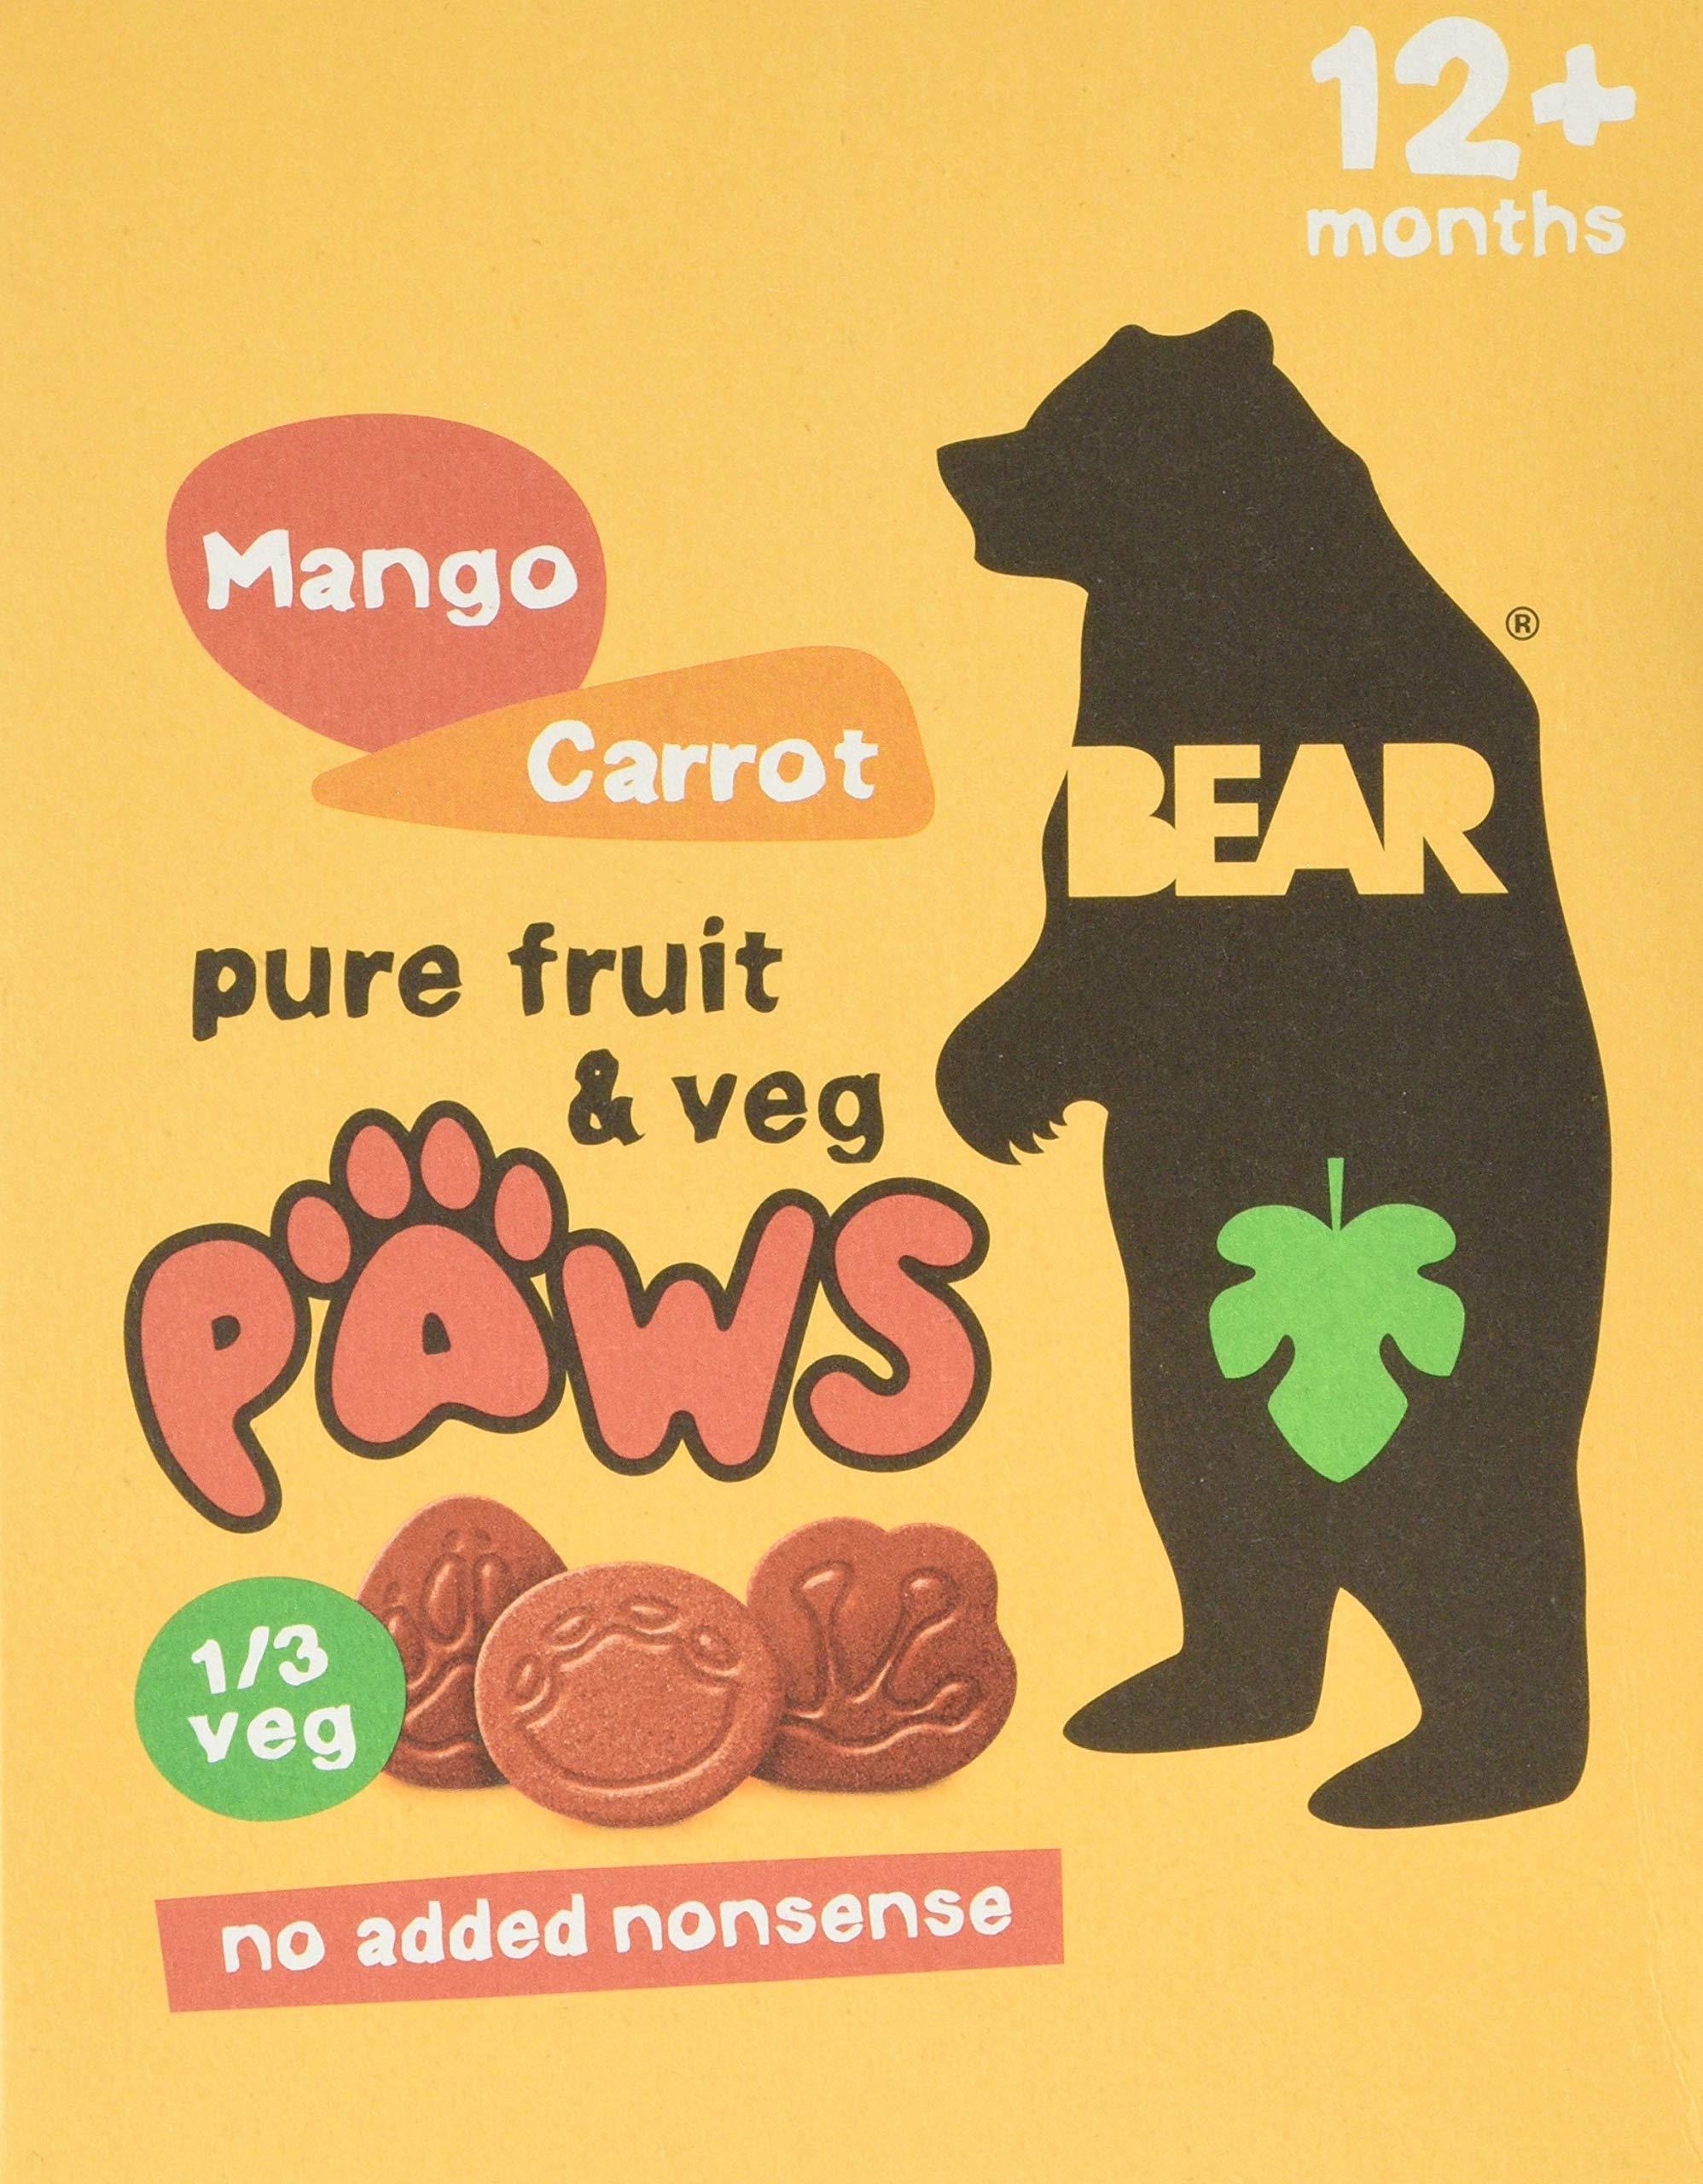 BEAR Mango & Carrot Pure Fruit & Veg Paws 20 x 20g (5 Packs Per Box, 4 Boxes)